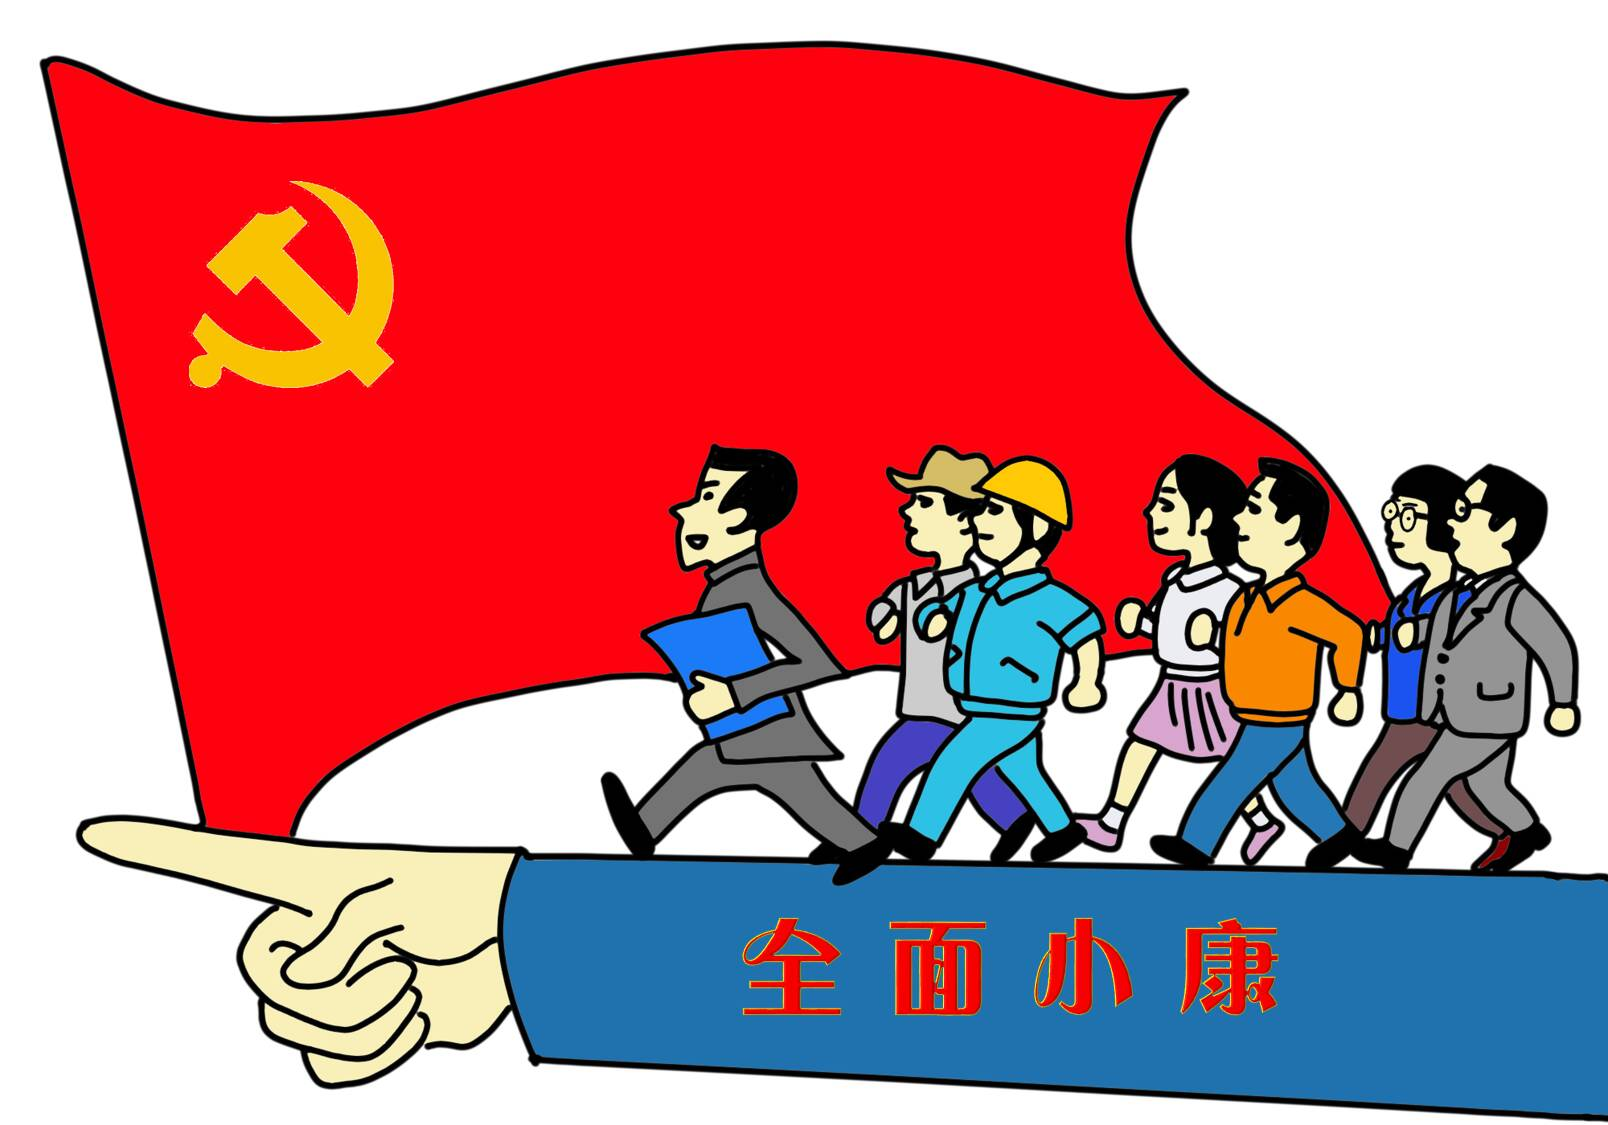 【小康之约】漫评:强化基层党建,决胜全面小康